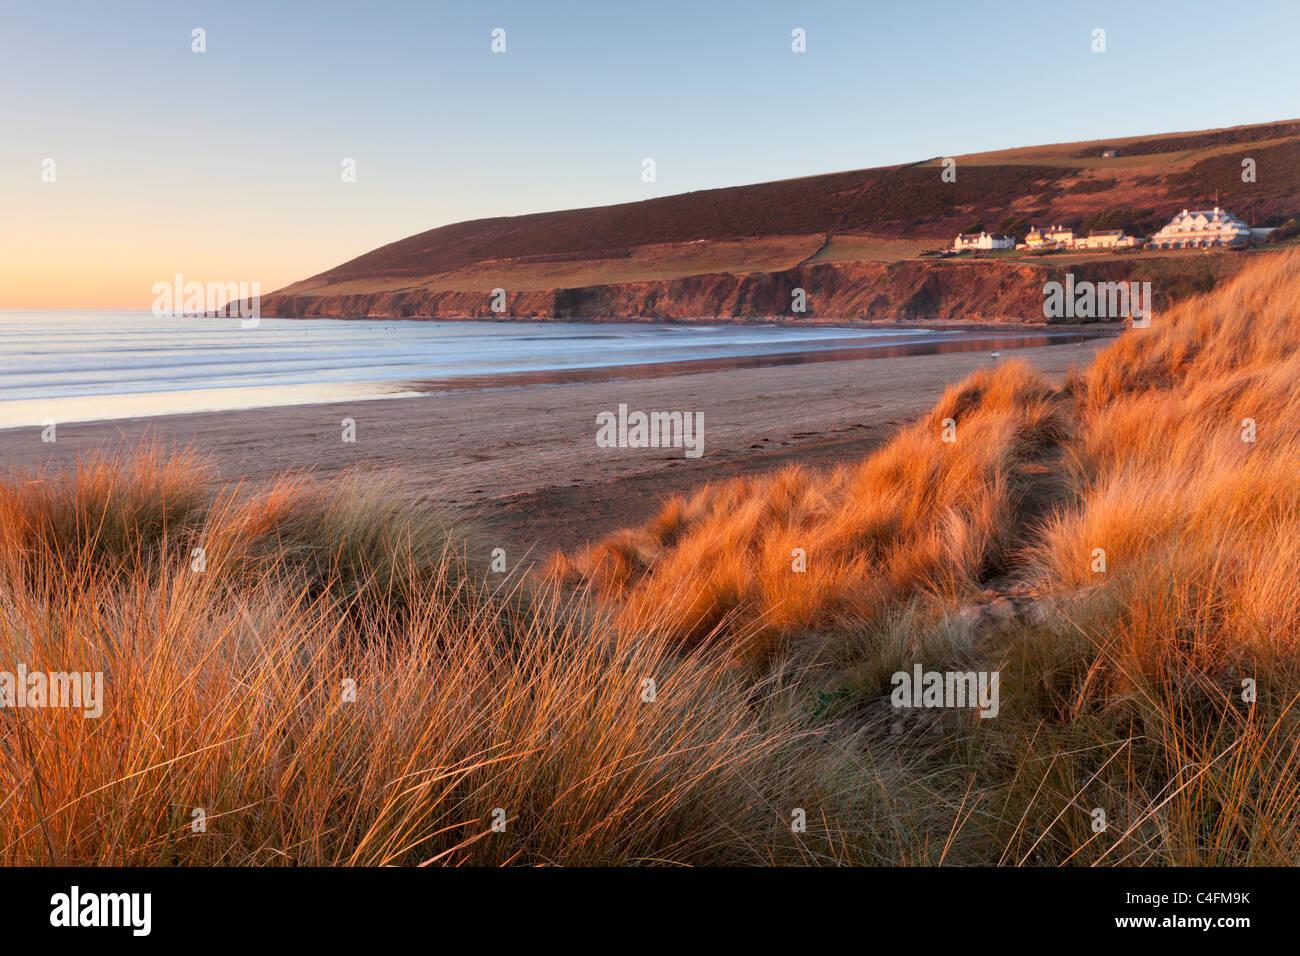 Saunton Sands et Saunton en baisse par les dunes de sable de Braunton Burrows, Devon, Angleterre. L'hiver (Janvier) Photo Stock